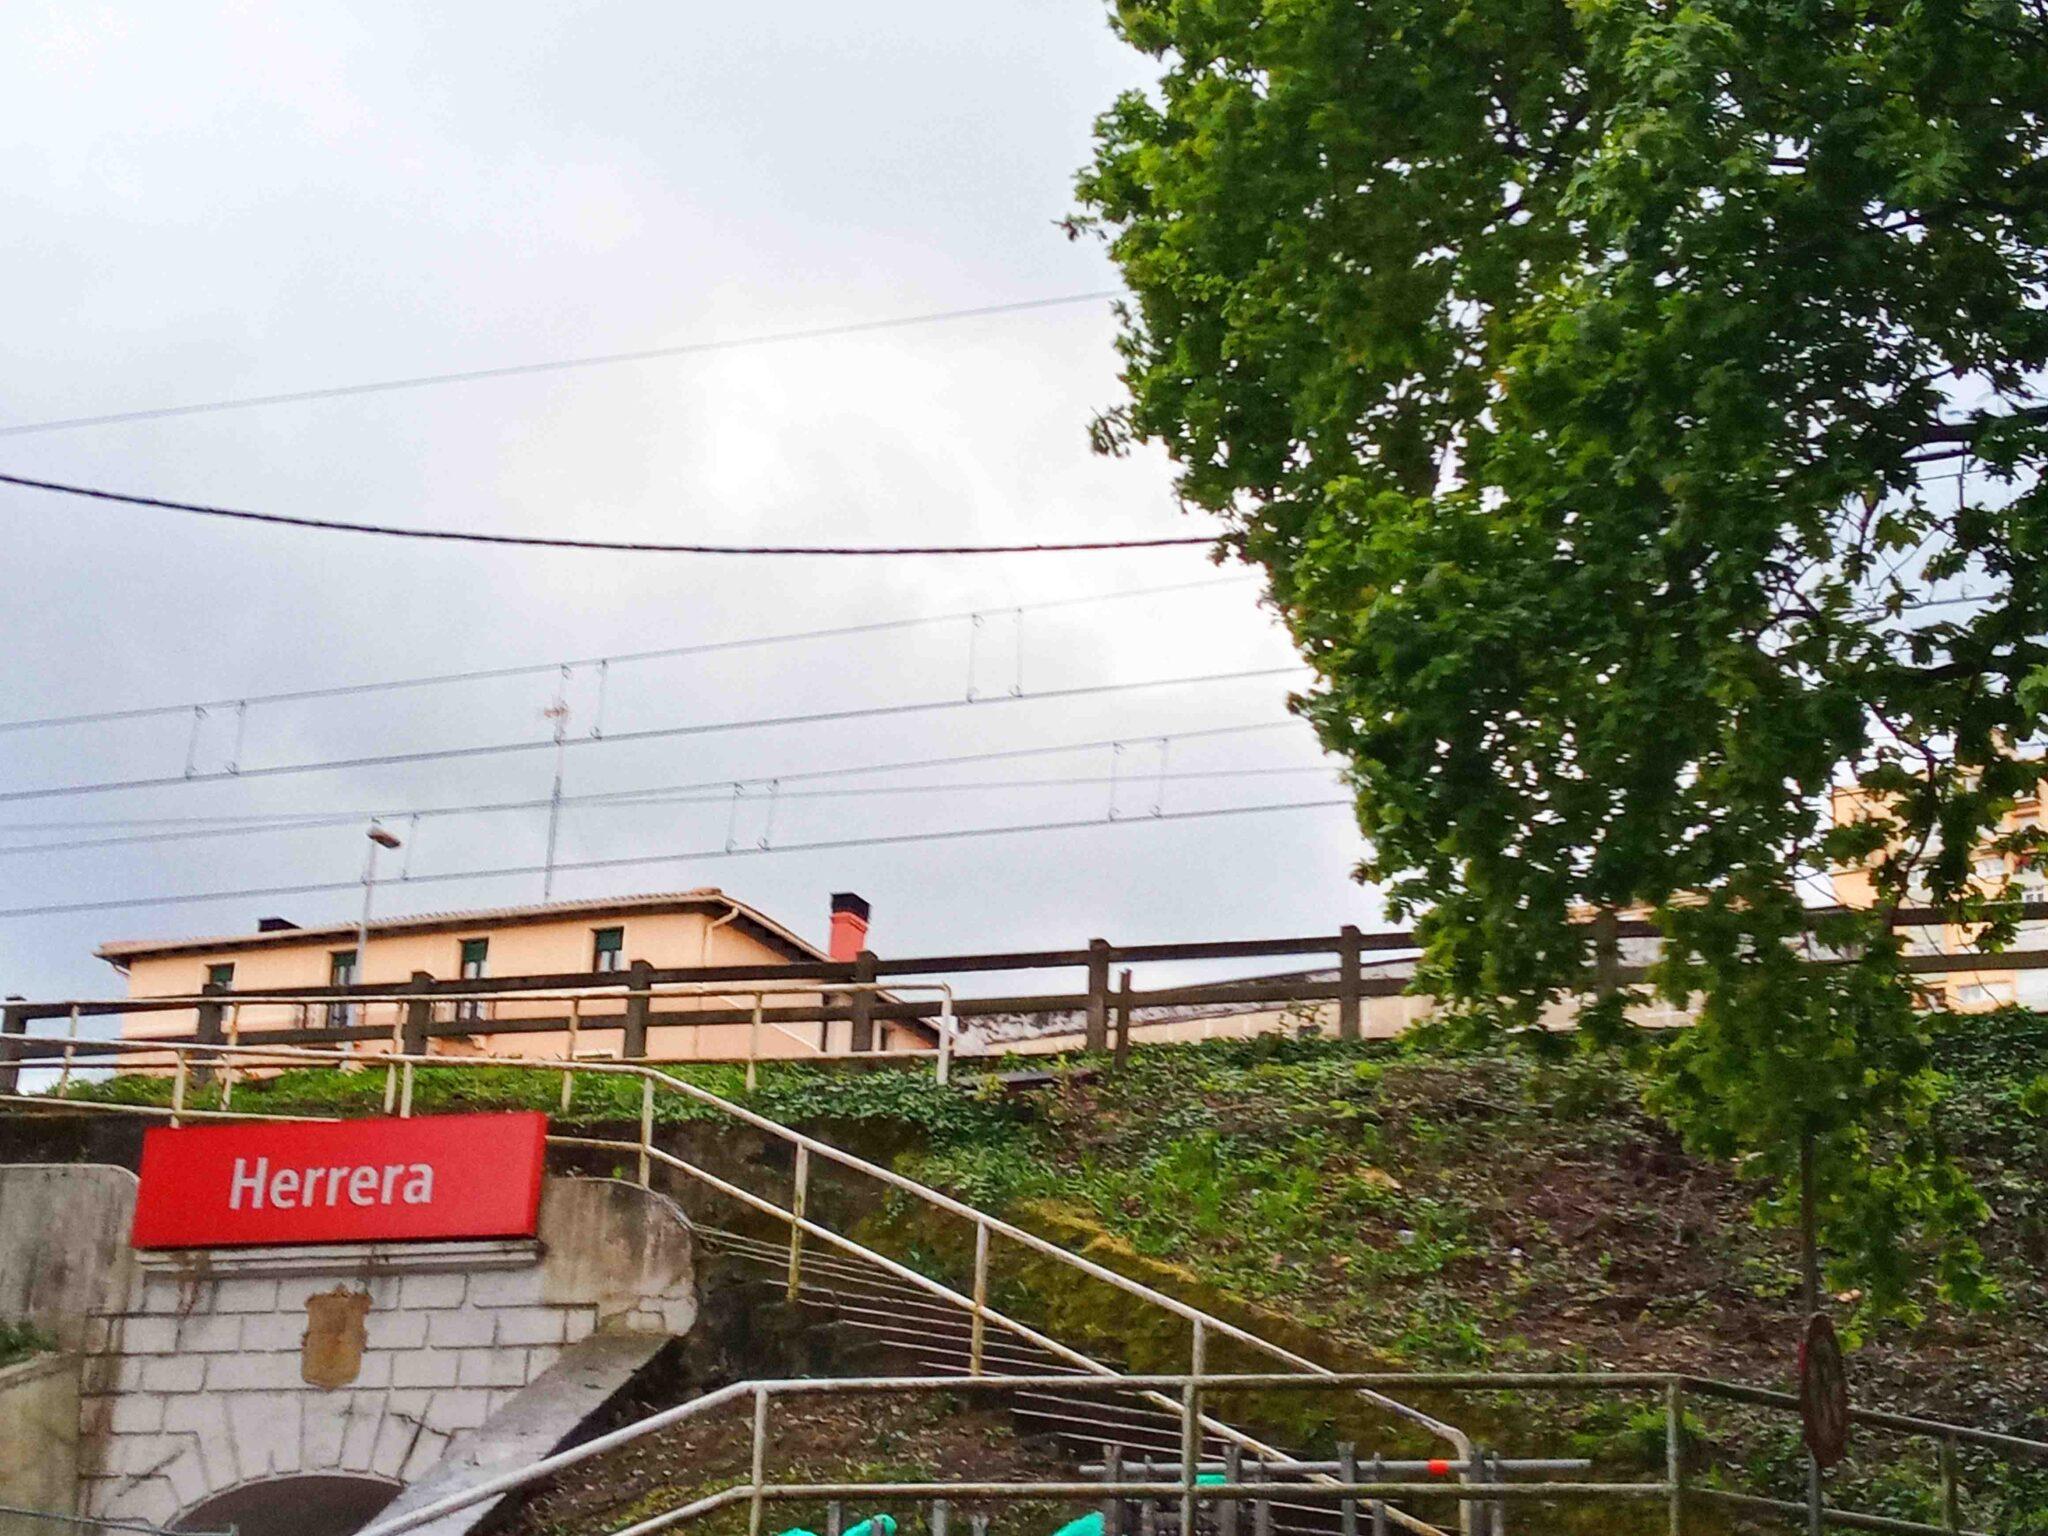 roble cables scaled - El roble de Herrera está 'huérfano' de apoyo institucional, denuncia Parkea Bizirik